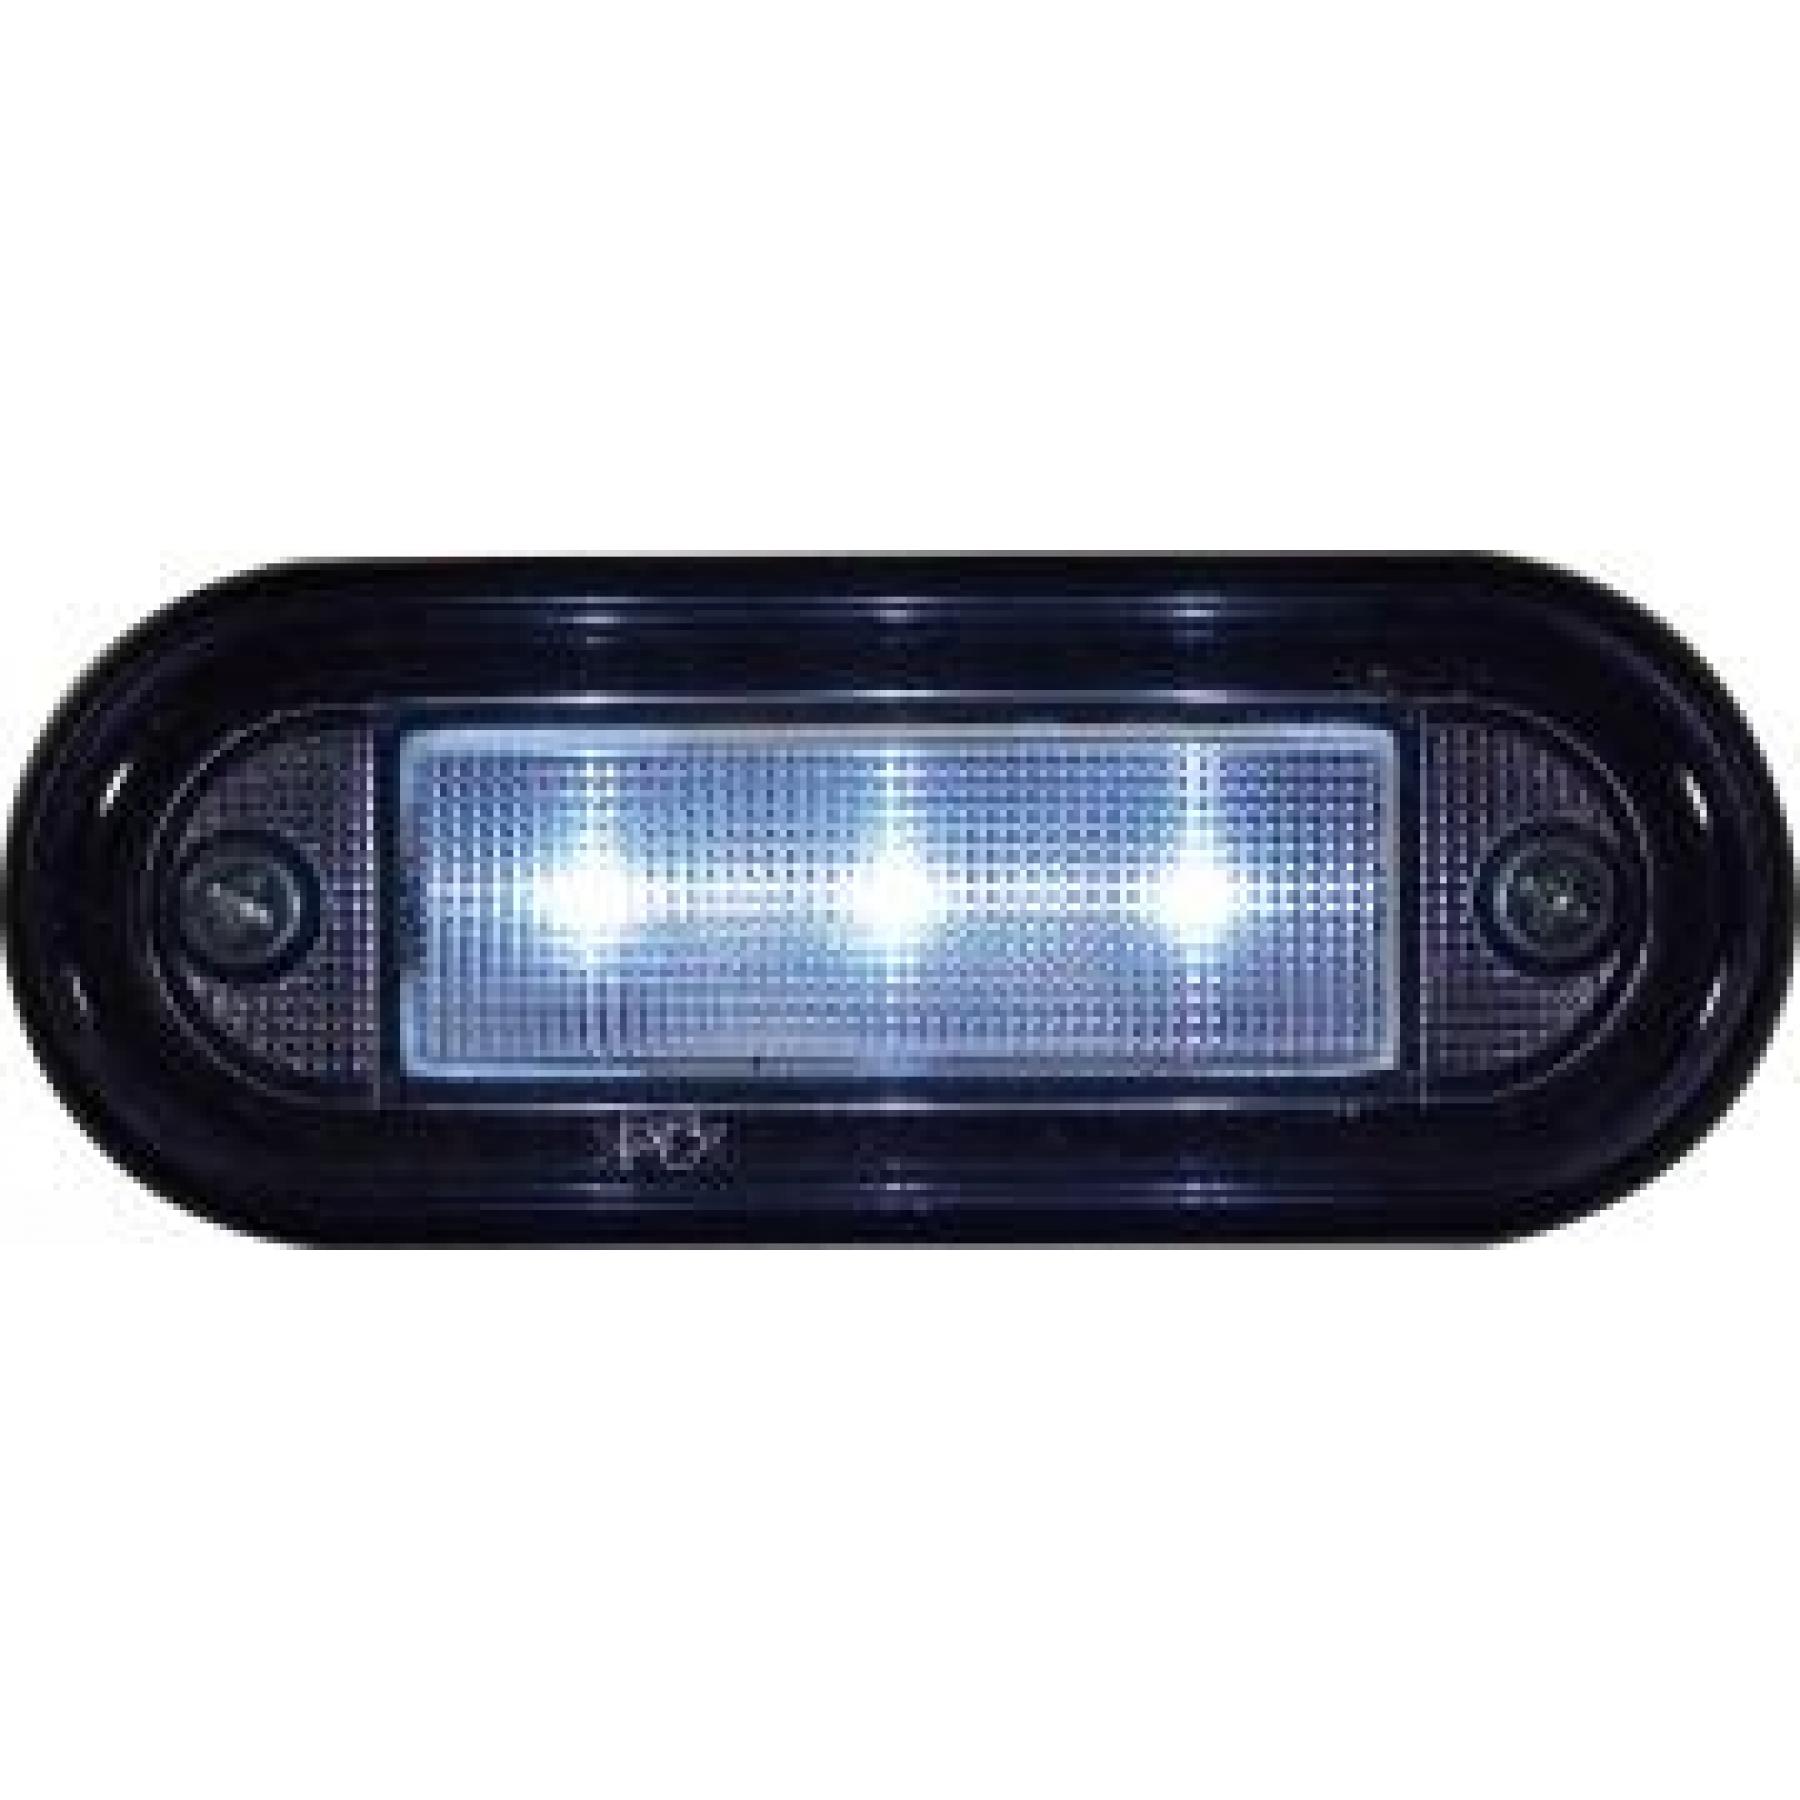 Markeringslamp LED wit 12/24v 3 LED